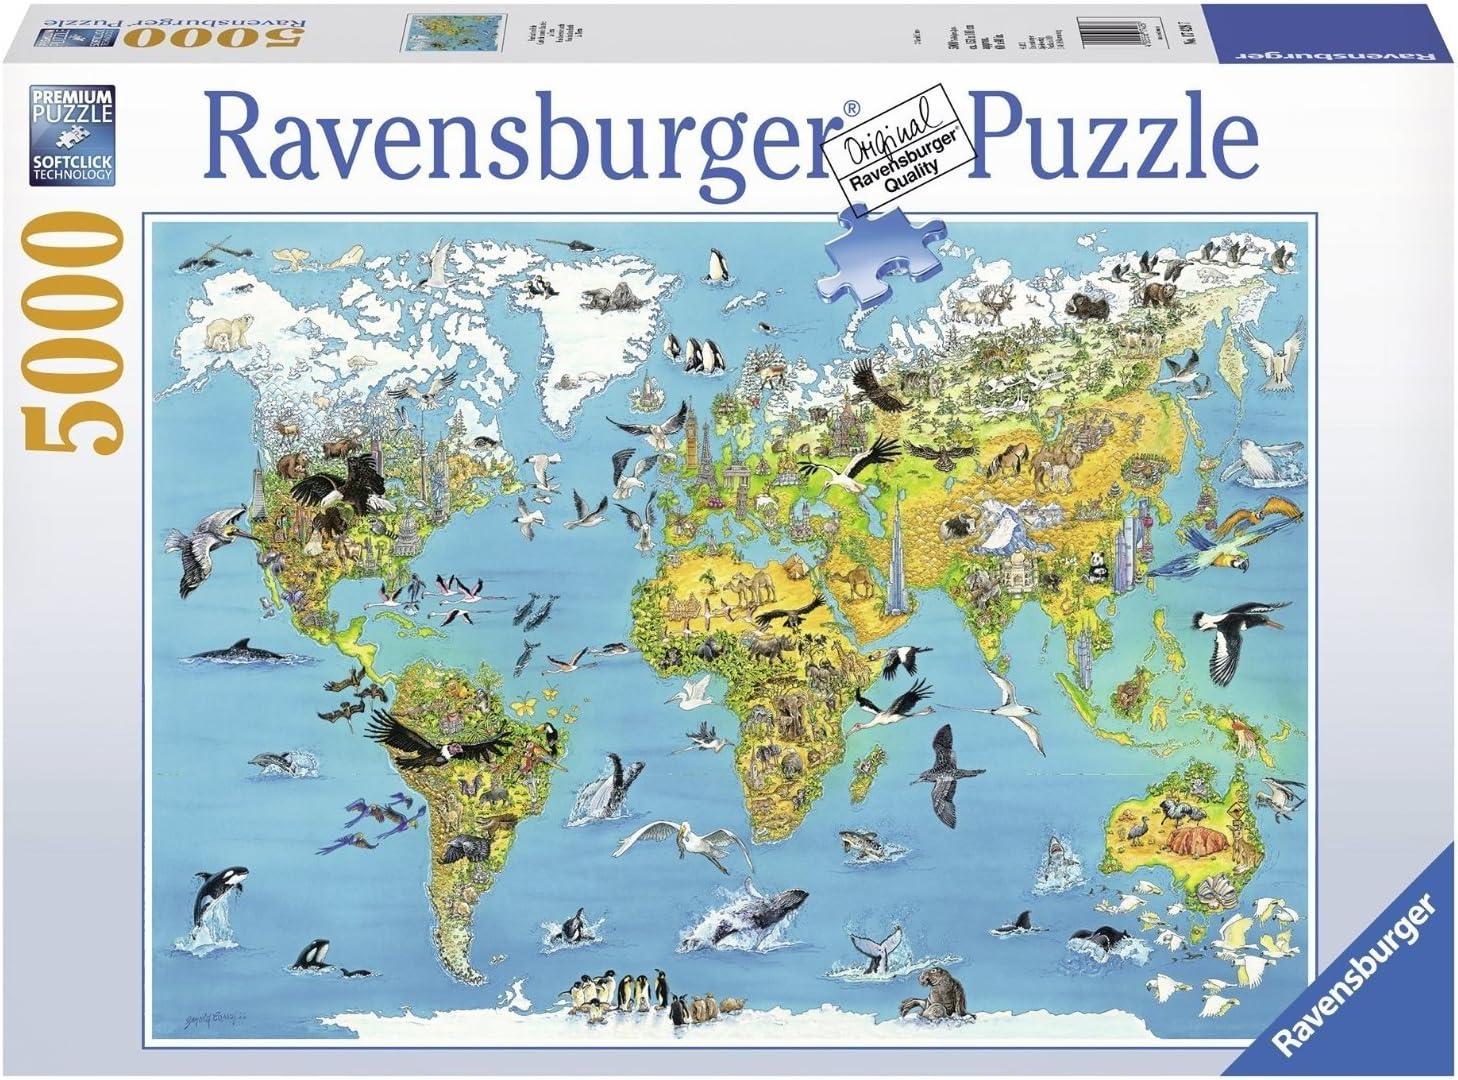 Ravensburger - Tierra Fascinante, Puzzle 5000 Piezas (17428 7): Amazon.es: Juguetes y juegos